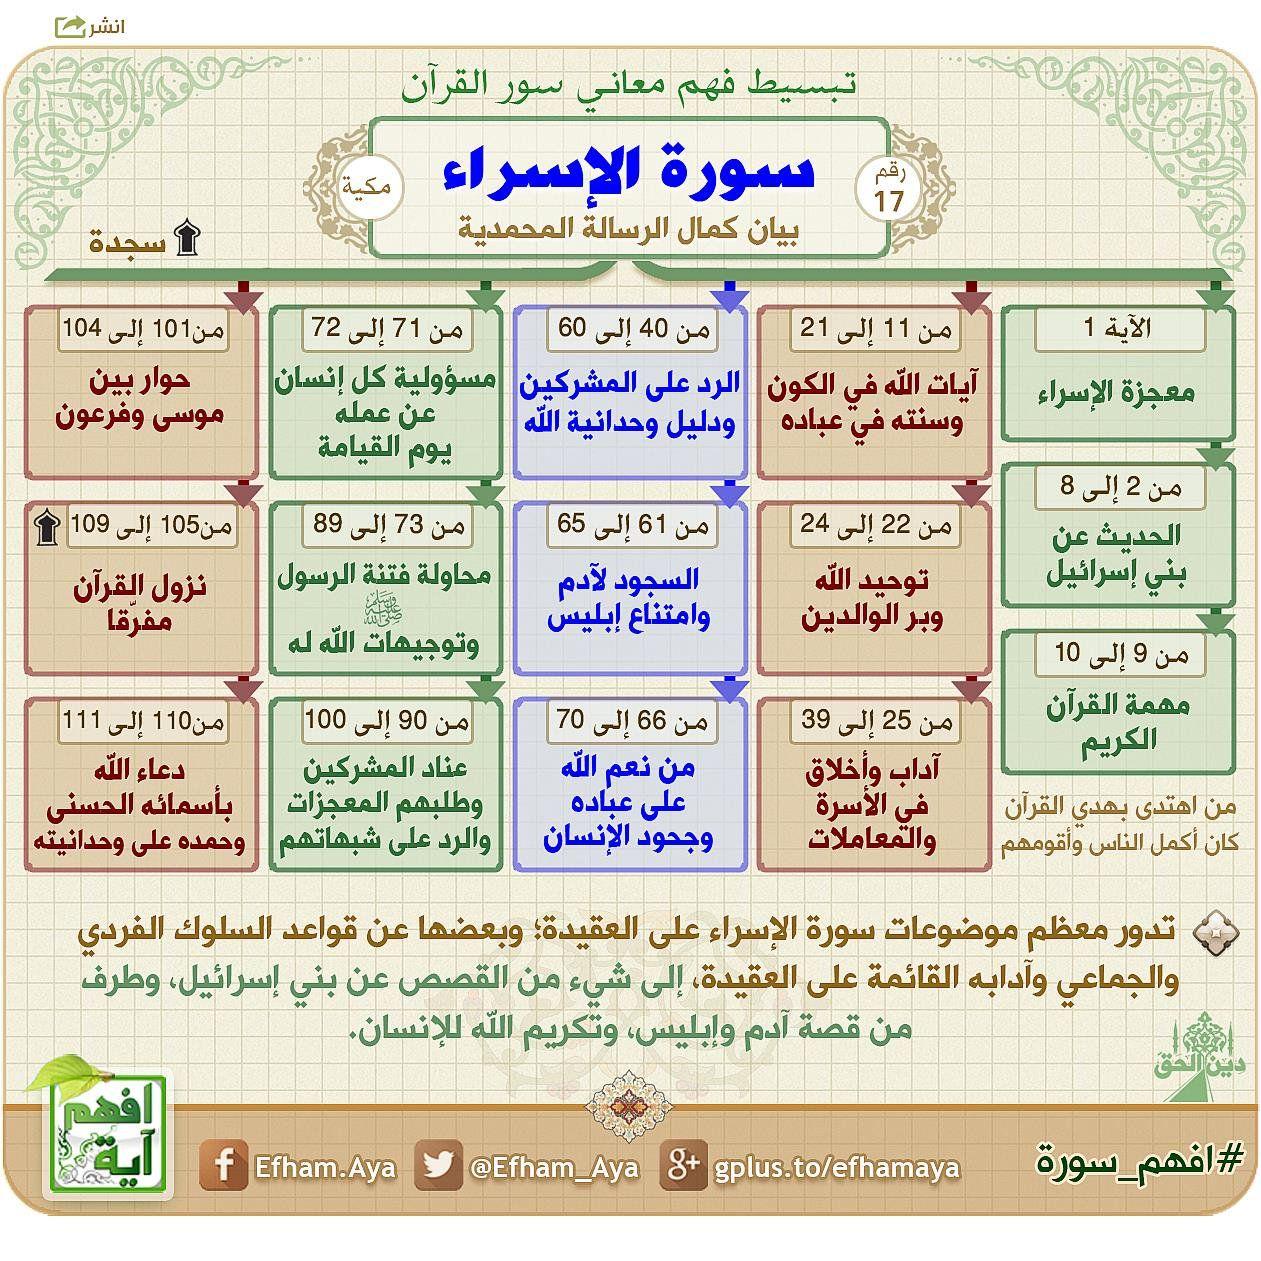 افهم آية On Twitter Quran Tafseer Quran Book Quran Recitation